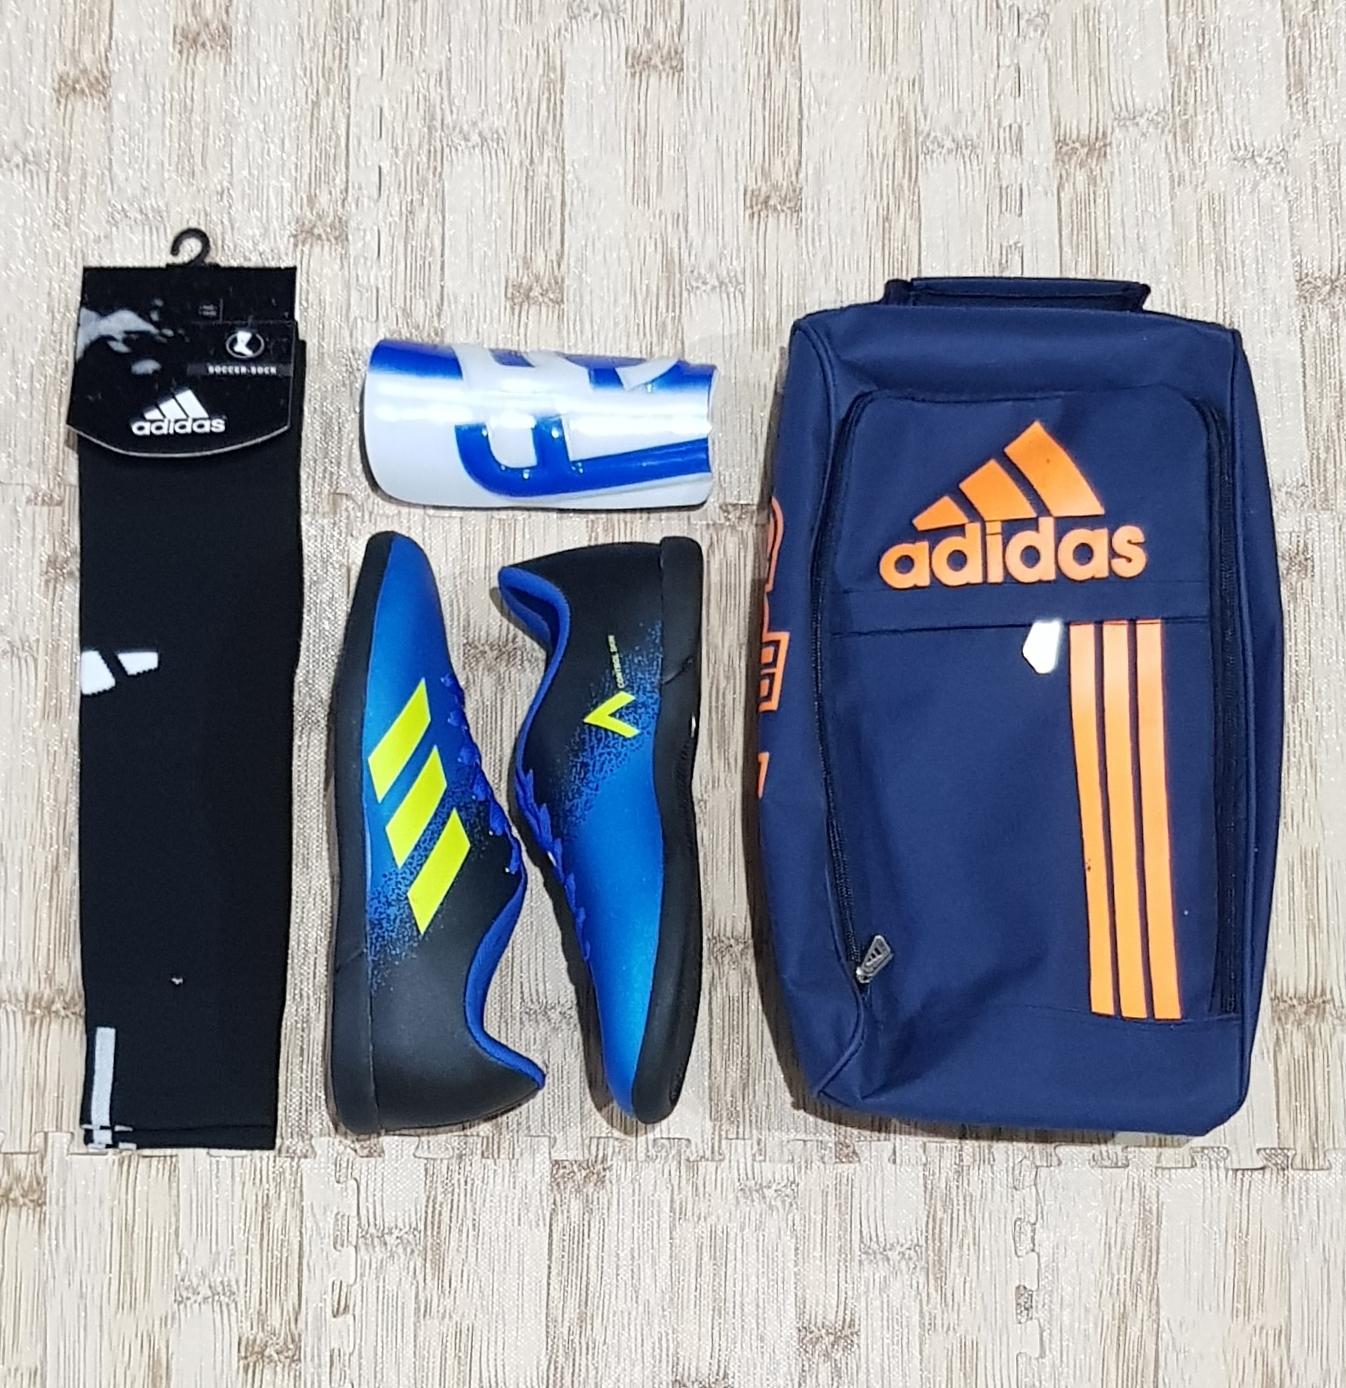 Buy Sell Cheapest Sepatu Futsal Dewasa Best Quality Product Deals Paket Komplit Adidas X Size 39 43 Lengkap Dengan Tas Deker Kaoskaki Murah